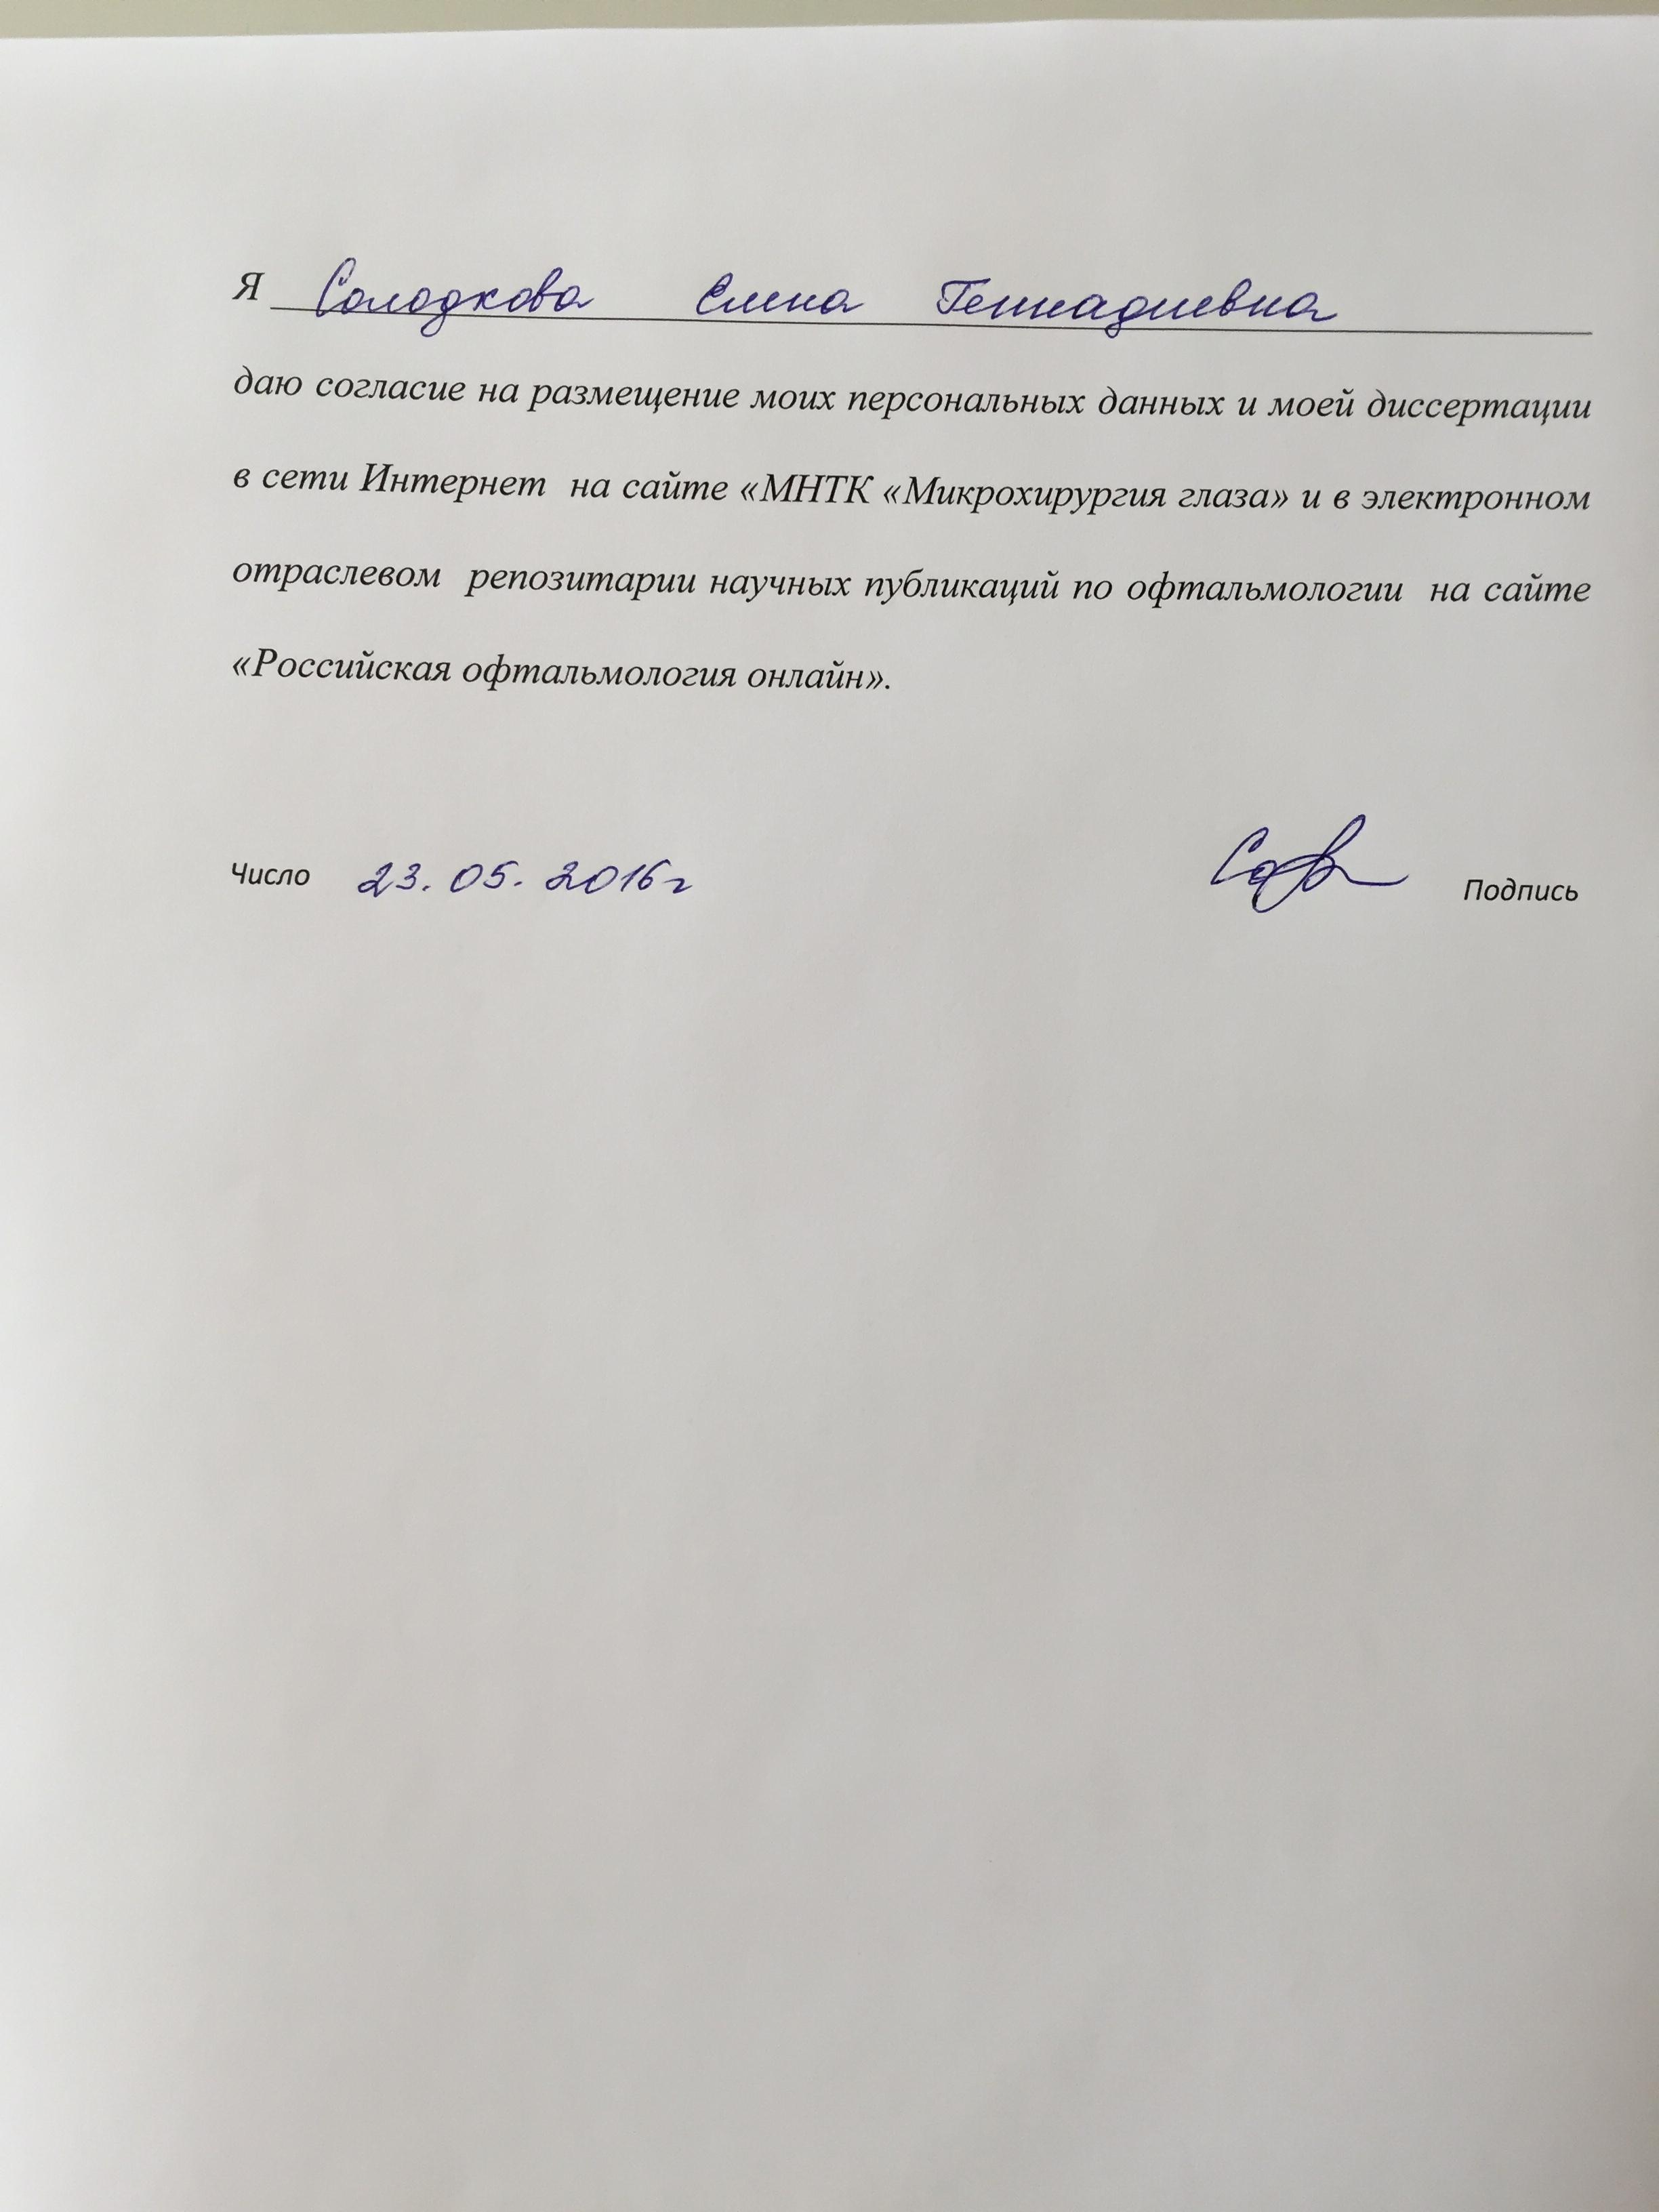 Солодкова Елена Геннадиевна Согласие на размещение персональных данных и диссертации в сети интернет